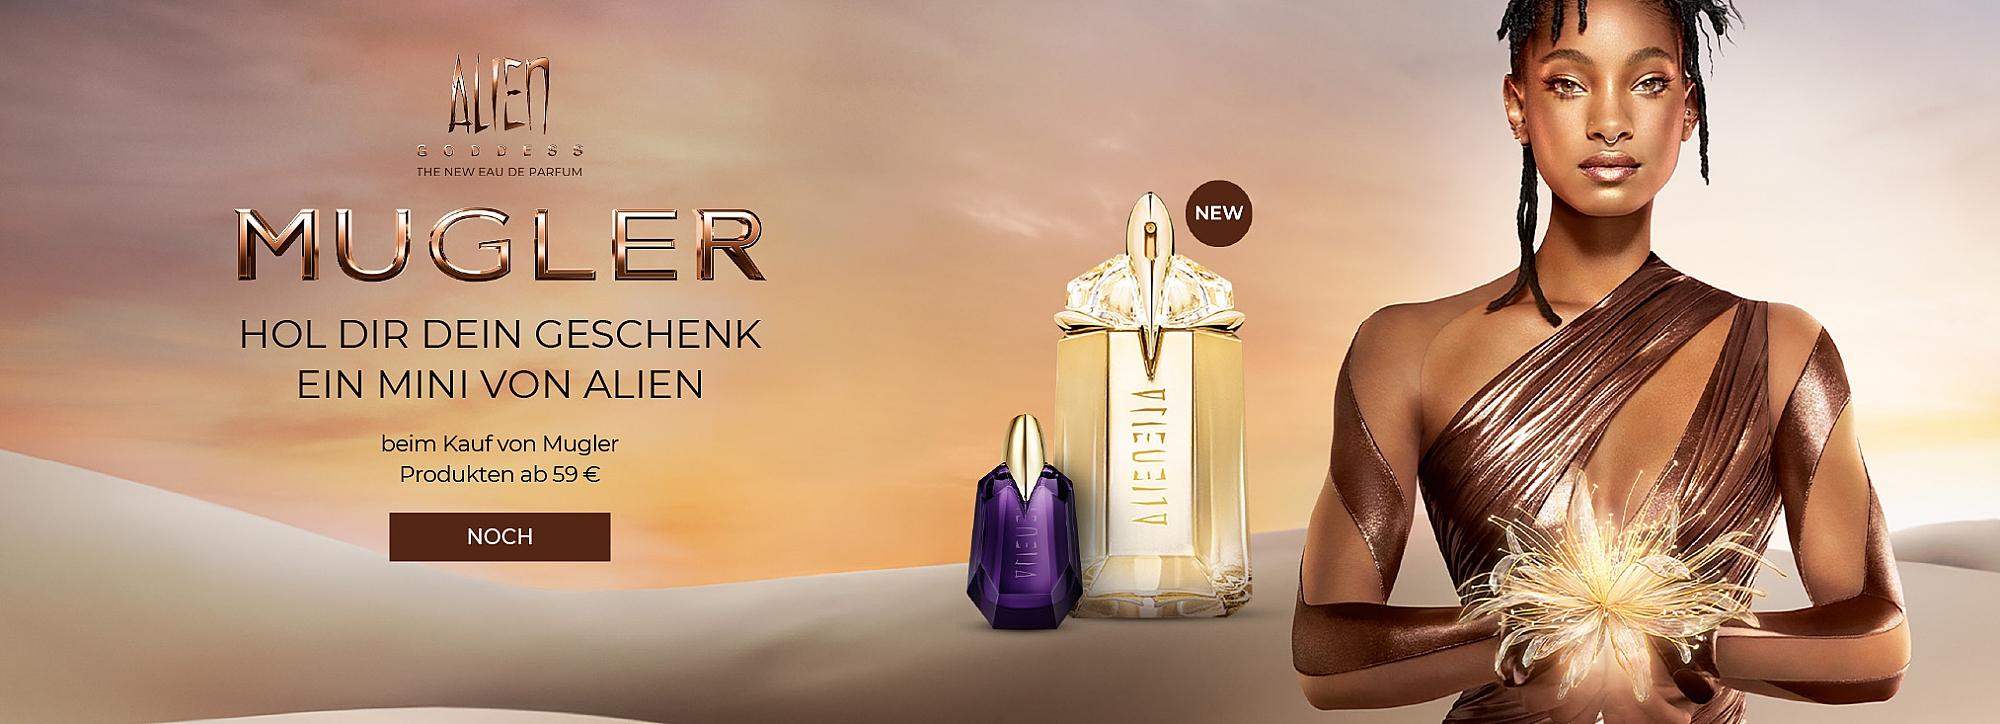 Mugler_parfums